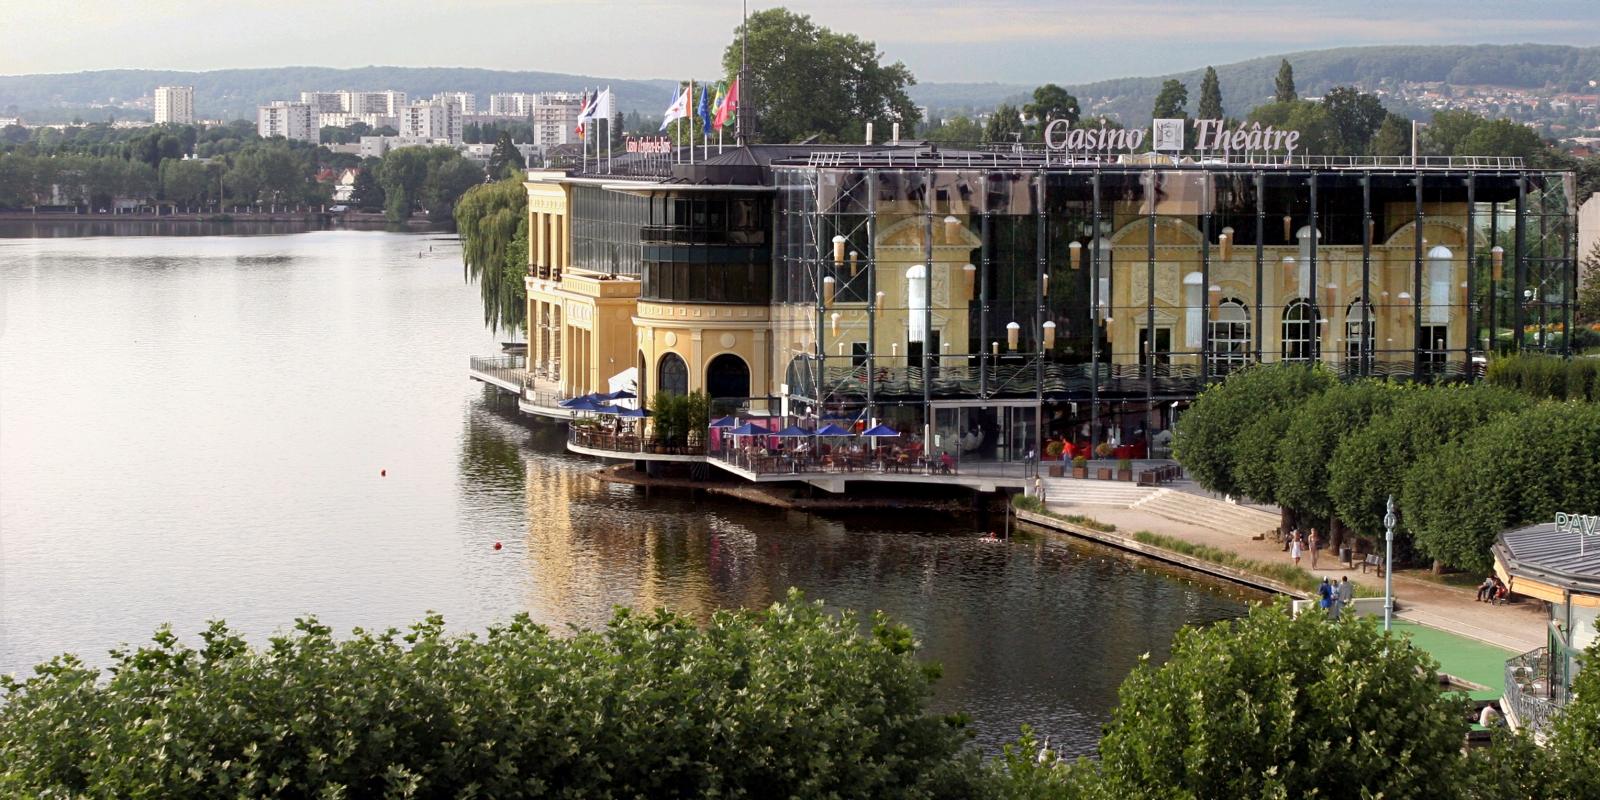 Photo du paysage avec le casino théâtre à moitié vitré et vue sur le reste de la ville et le lac